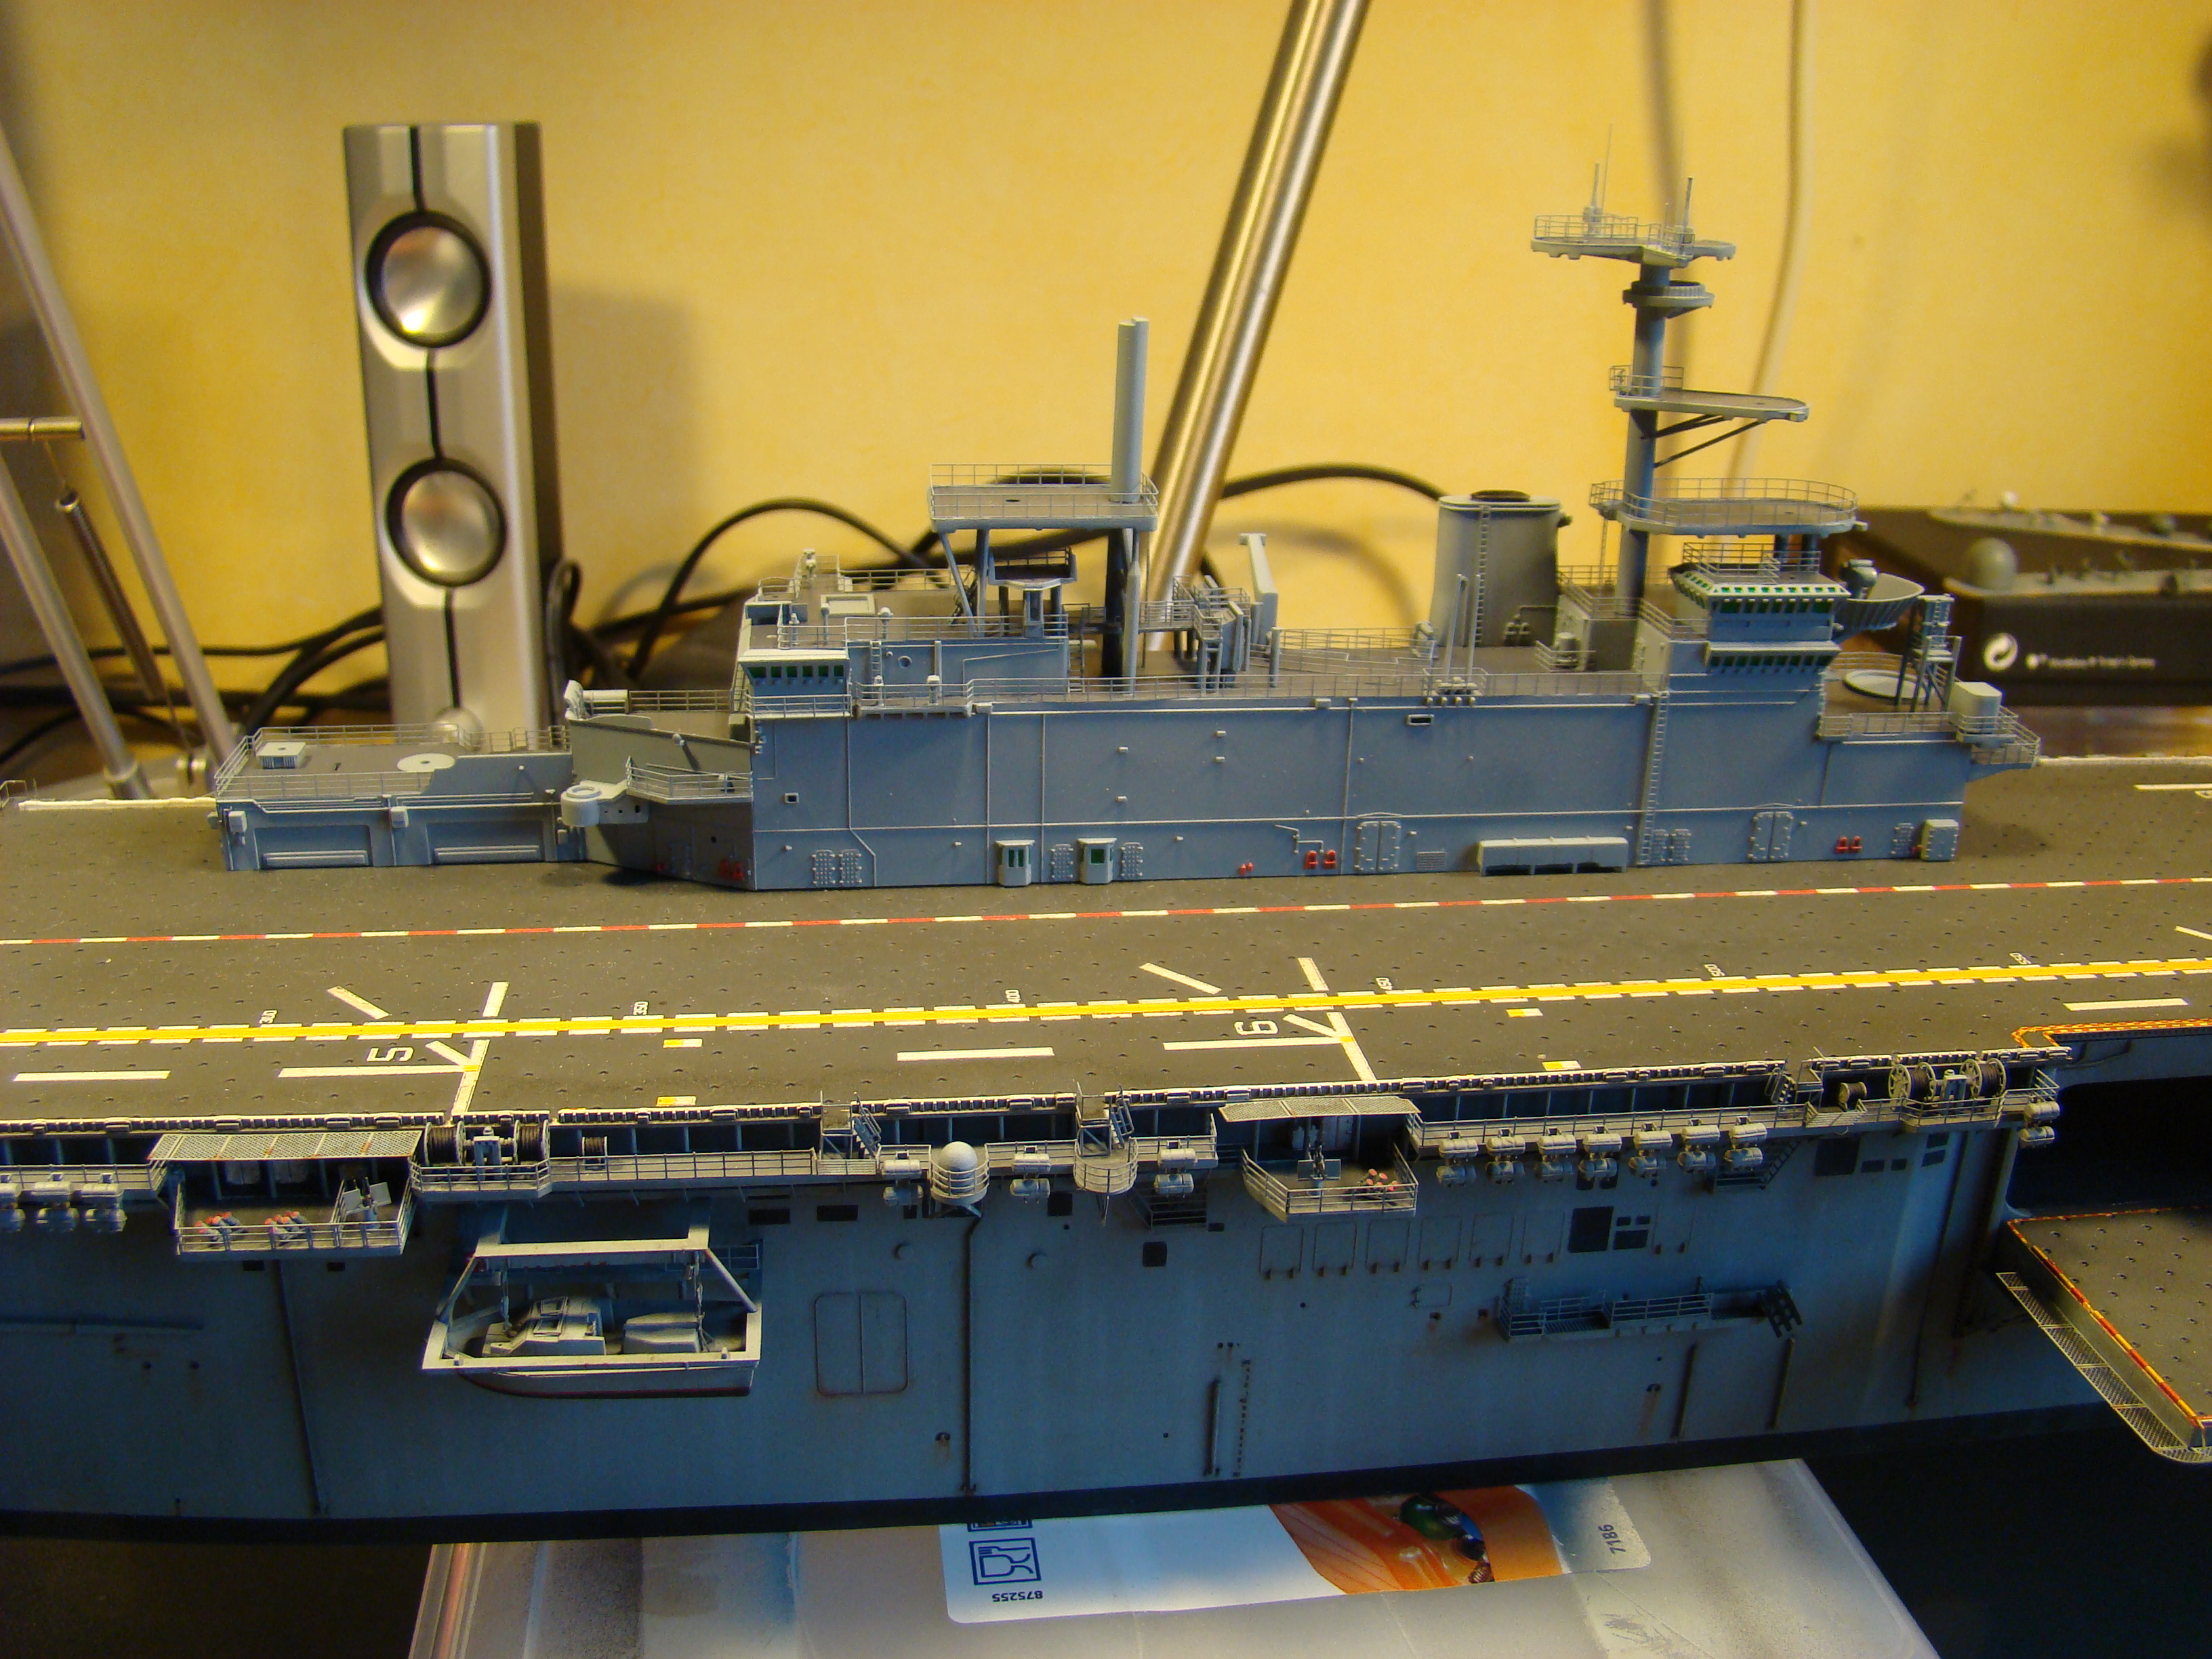 USS WASP LHD-1 au 1/350ème par nova73 - Page 7 Dsc09109i